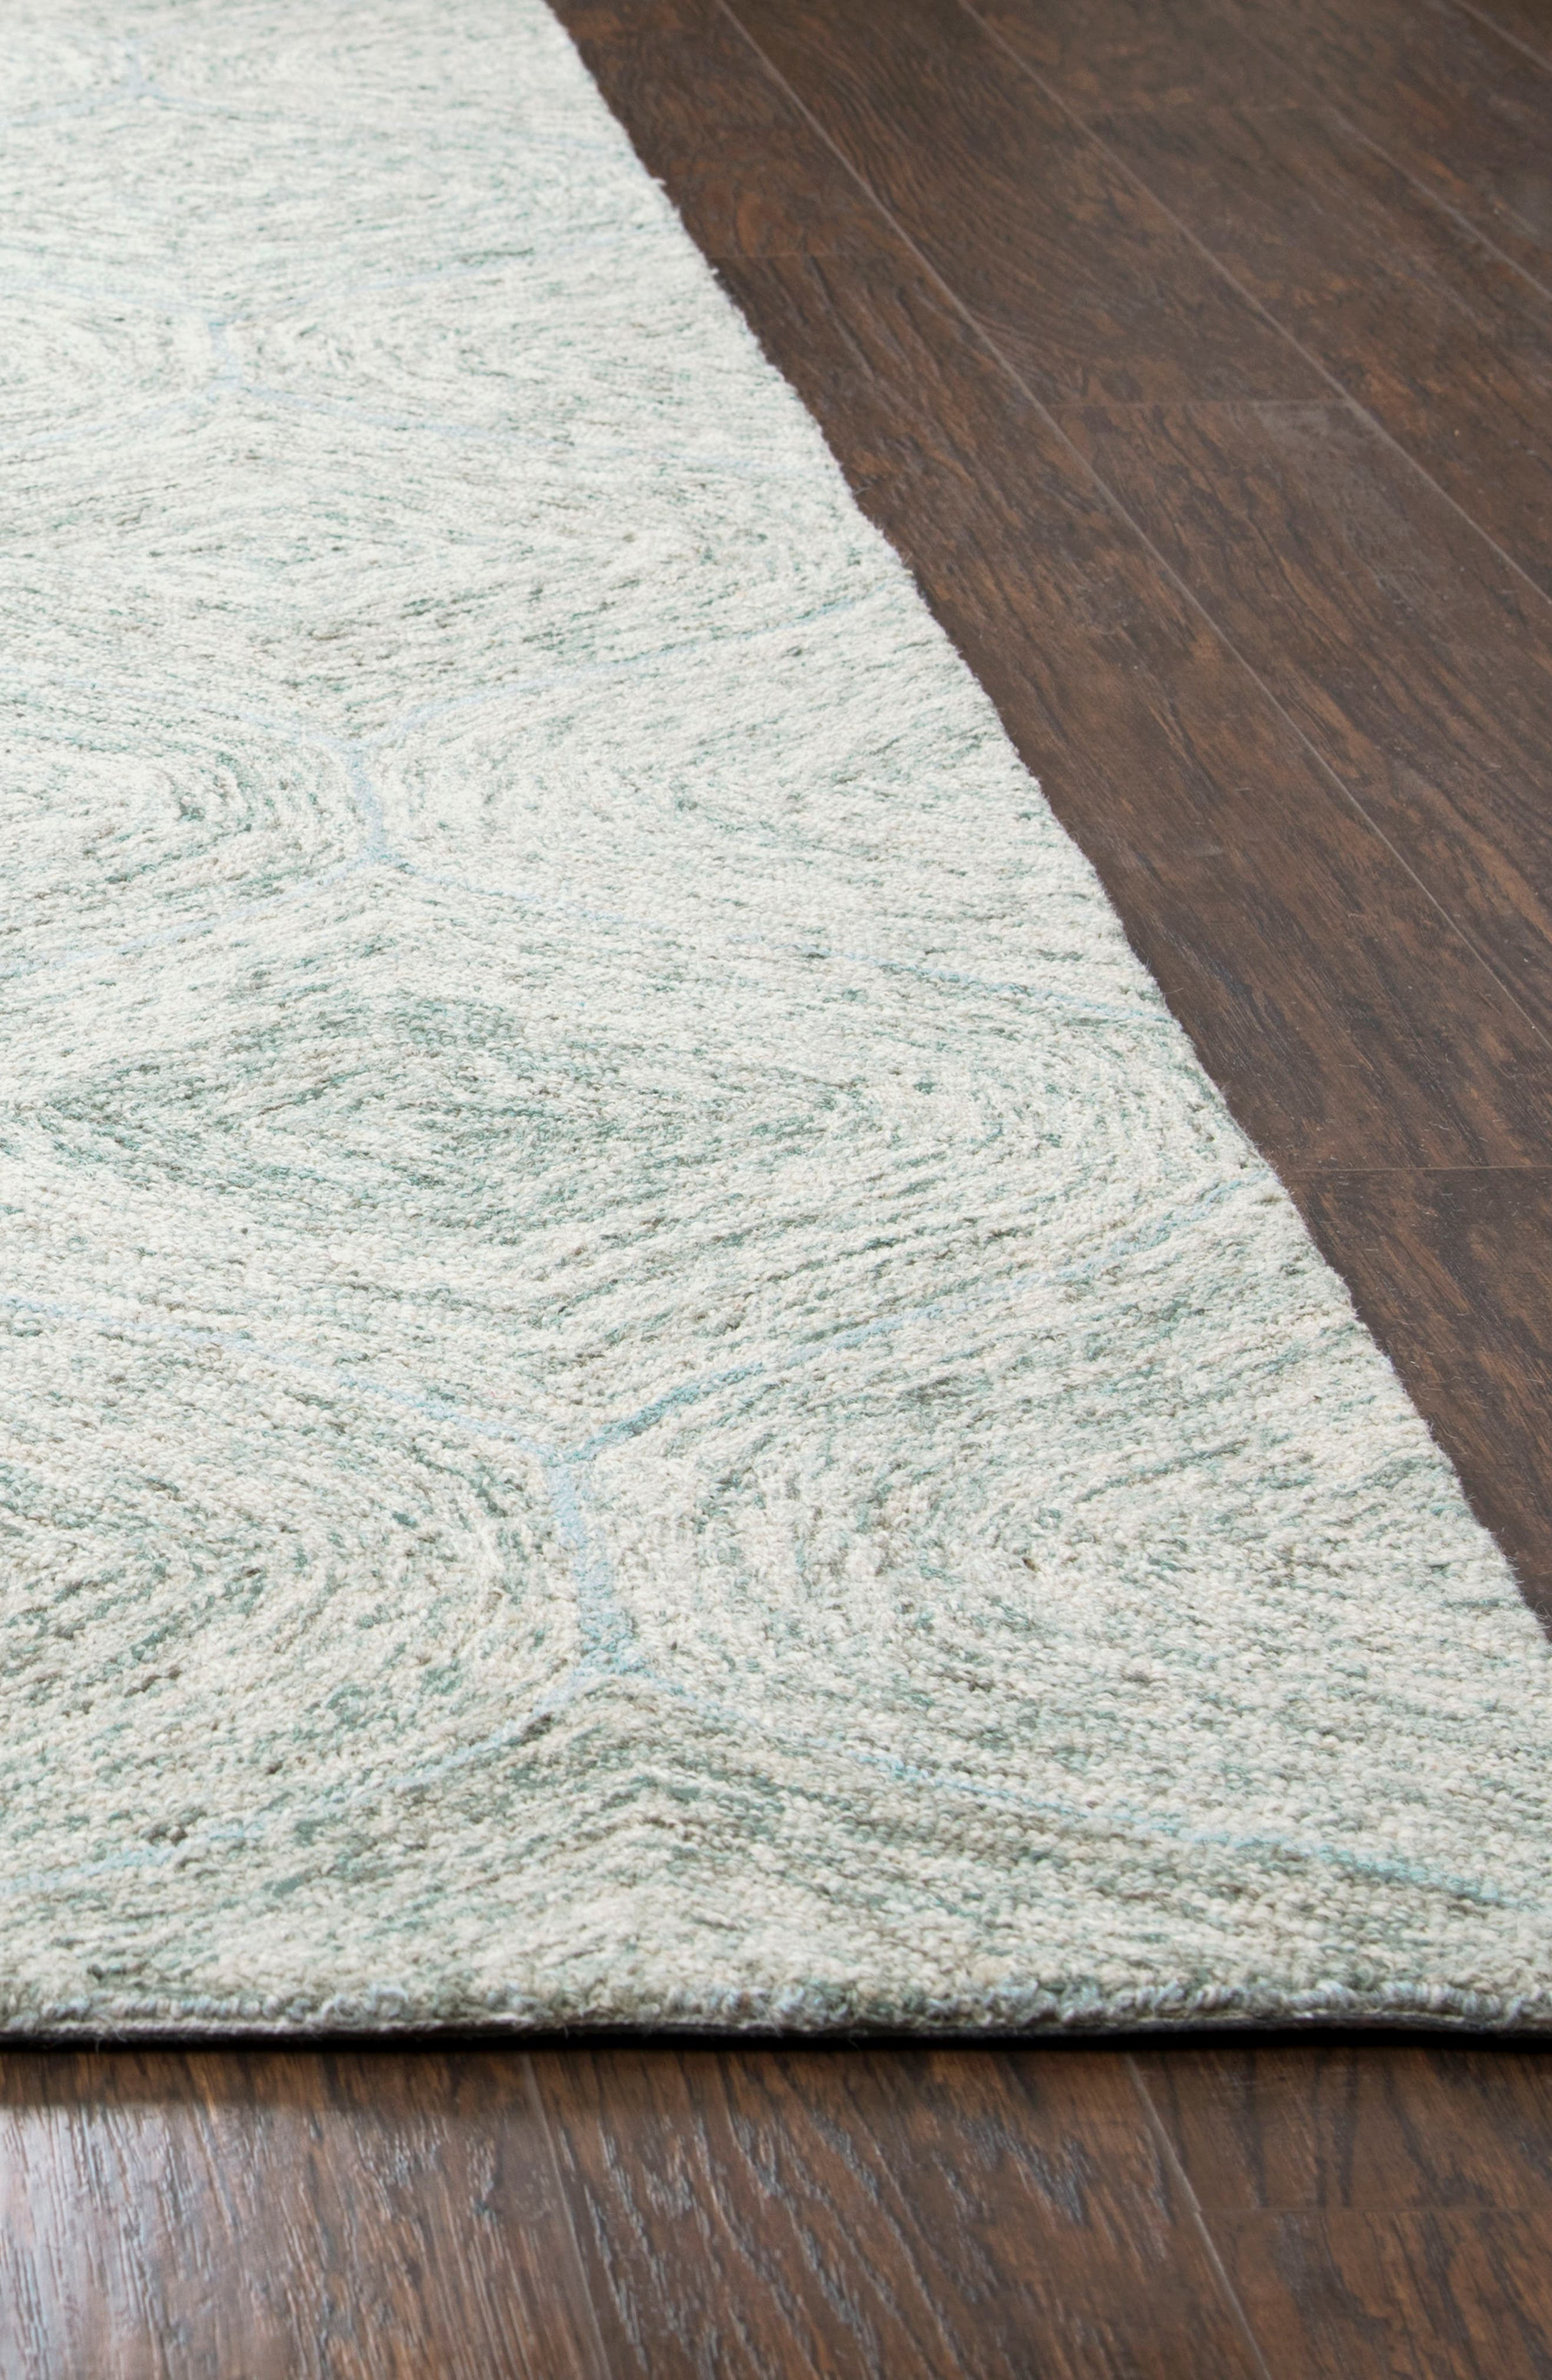 Irregular Diamond Hand Tufted Wool Area Rug,                             Alternate thumbnail 18, color,